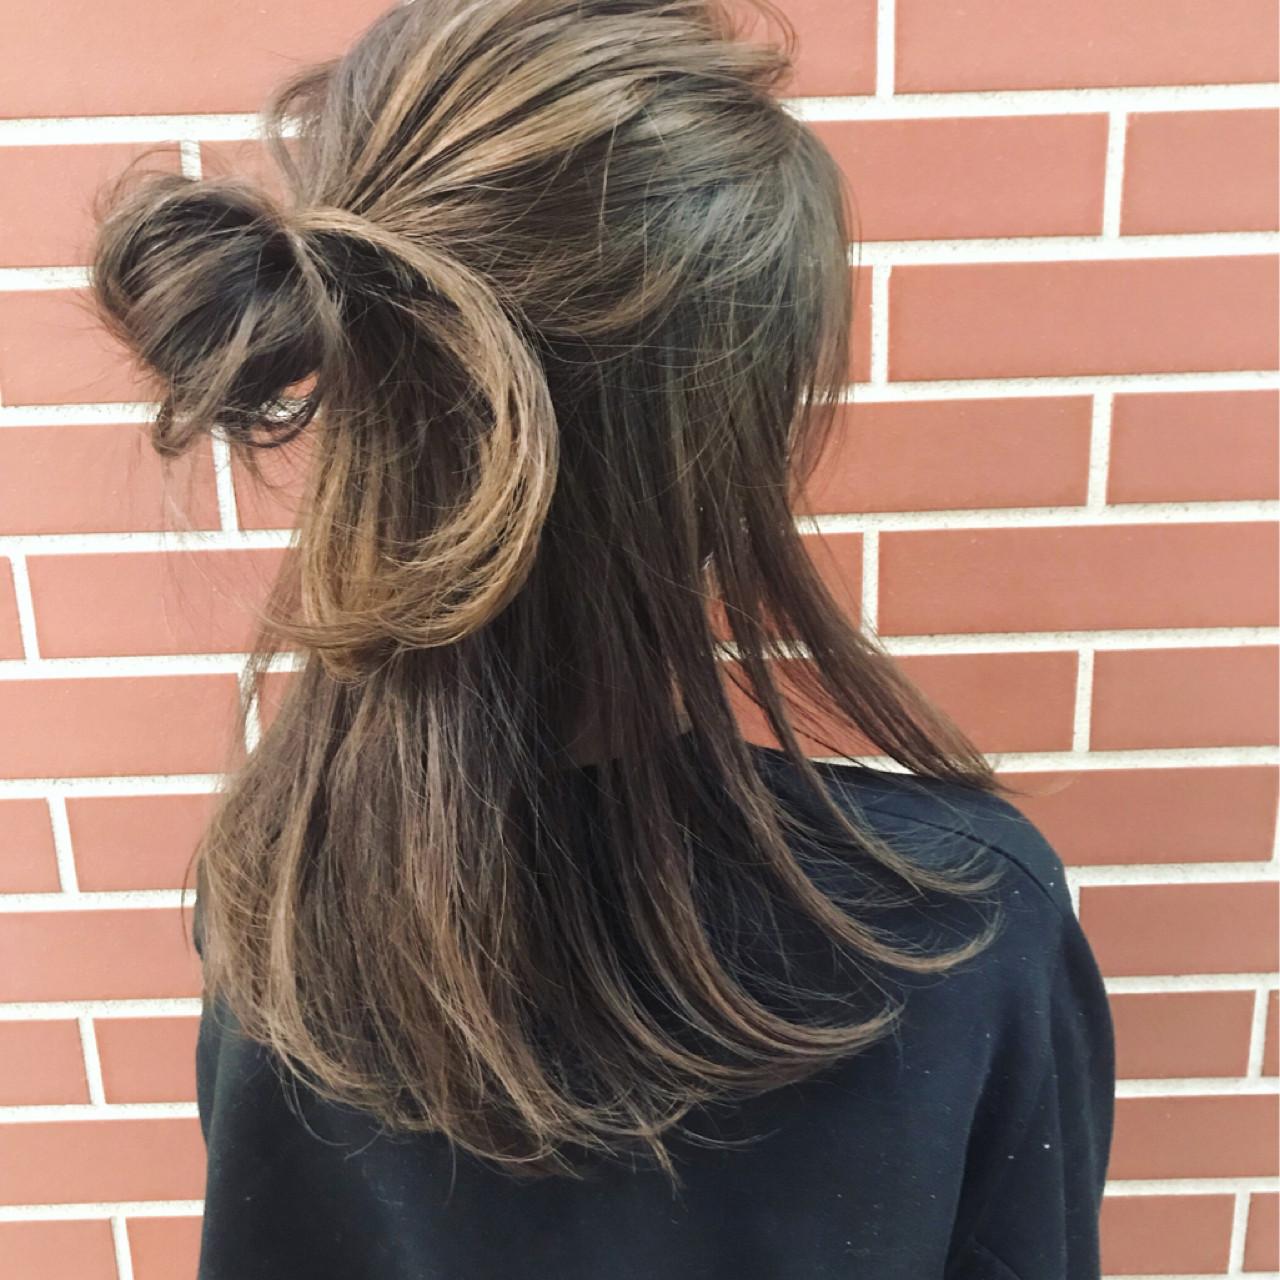 ハーフアップ ストリート ヘアアレンジ ショート ヘアスタイルや髪型の写真・画像